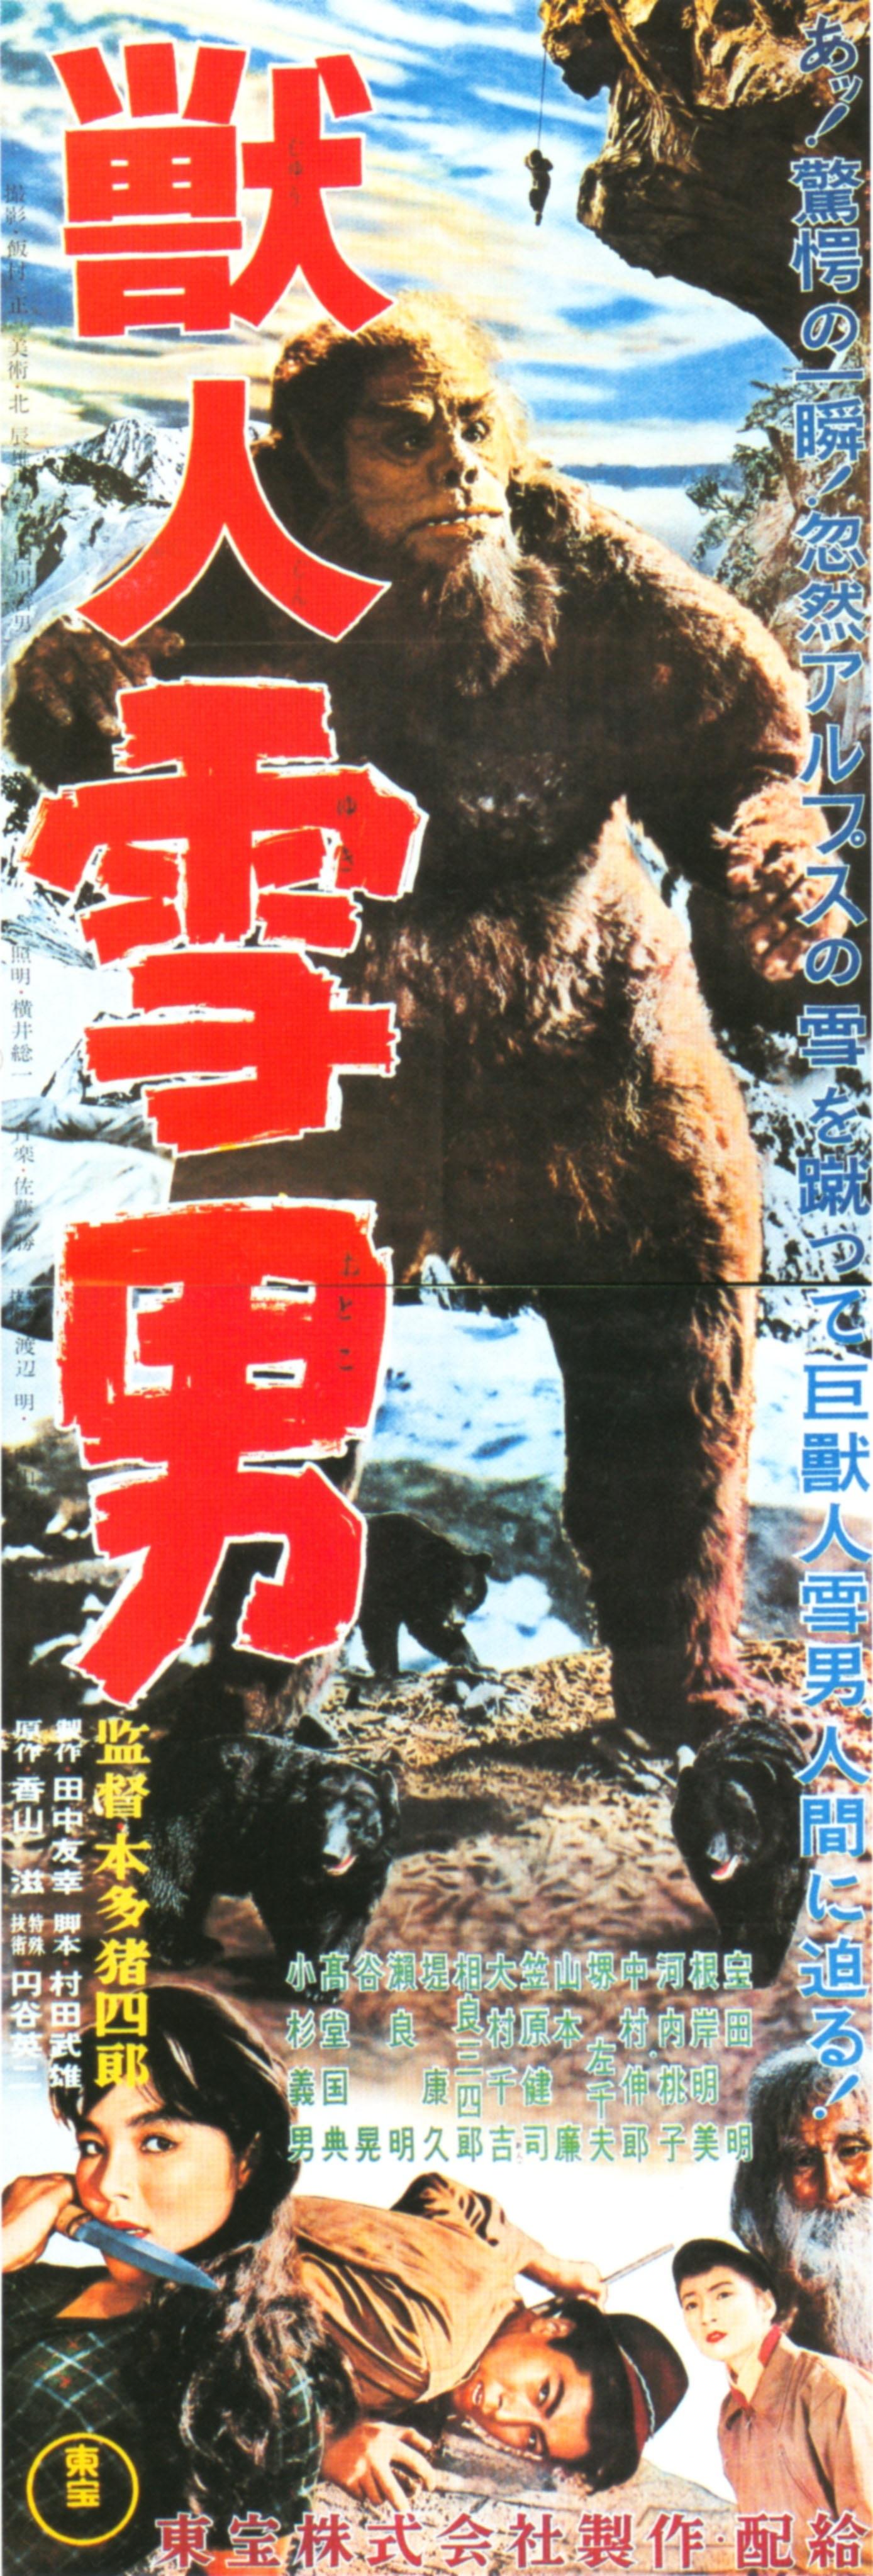 No Otoko Movie